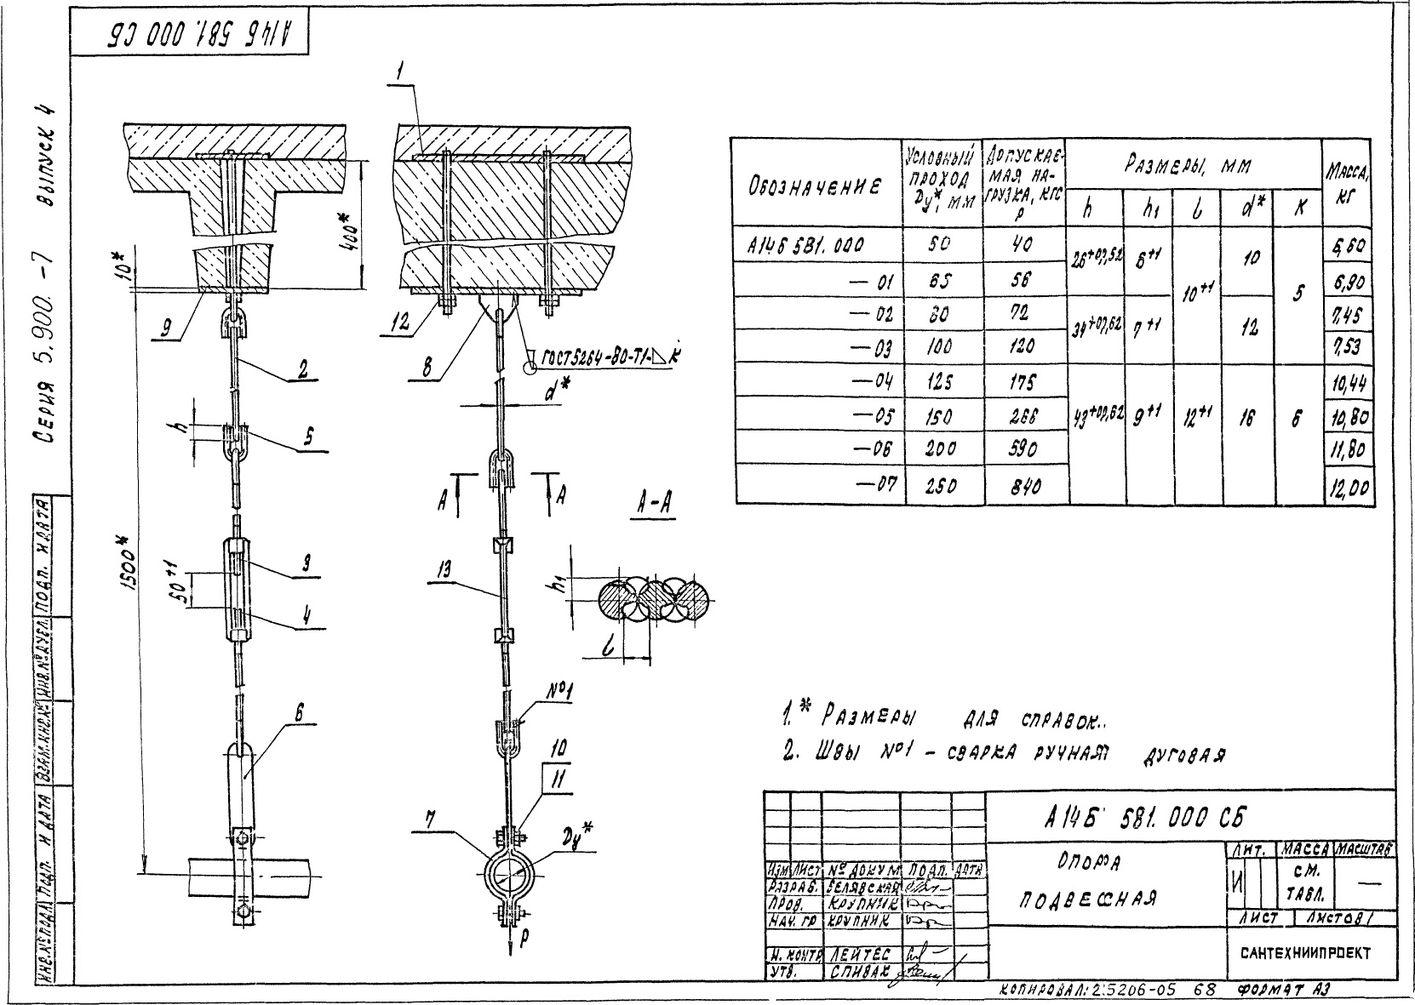 Опора подвесная А14Б 581.000 СБ Серия 5.900-7 выпуск 4 стр.1